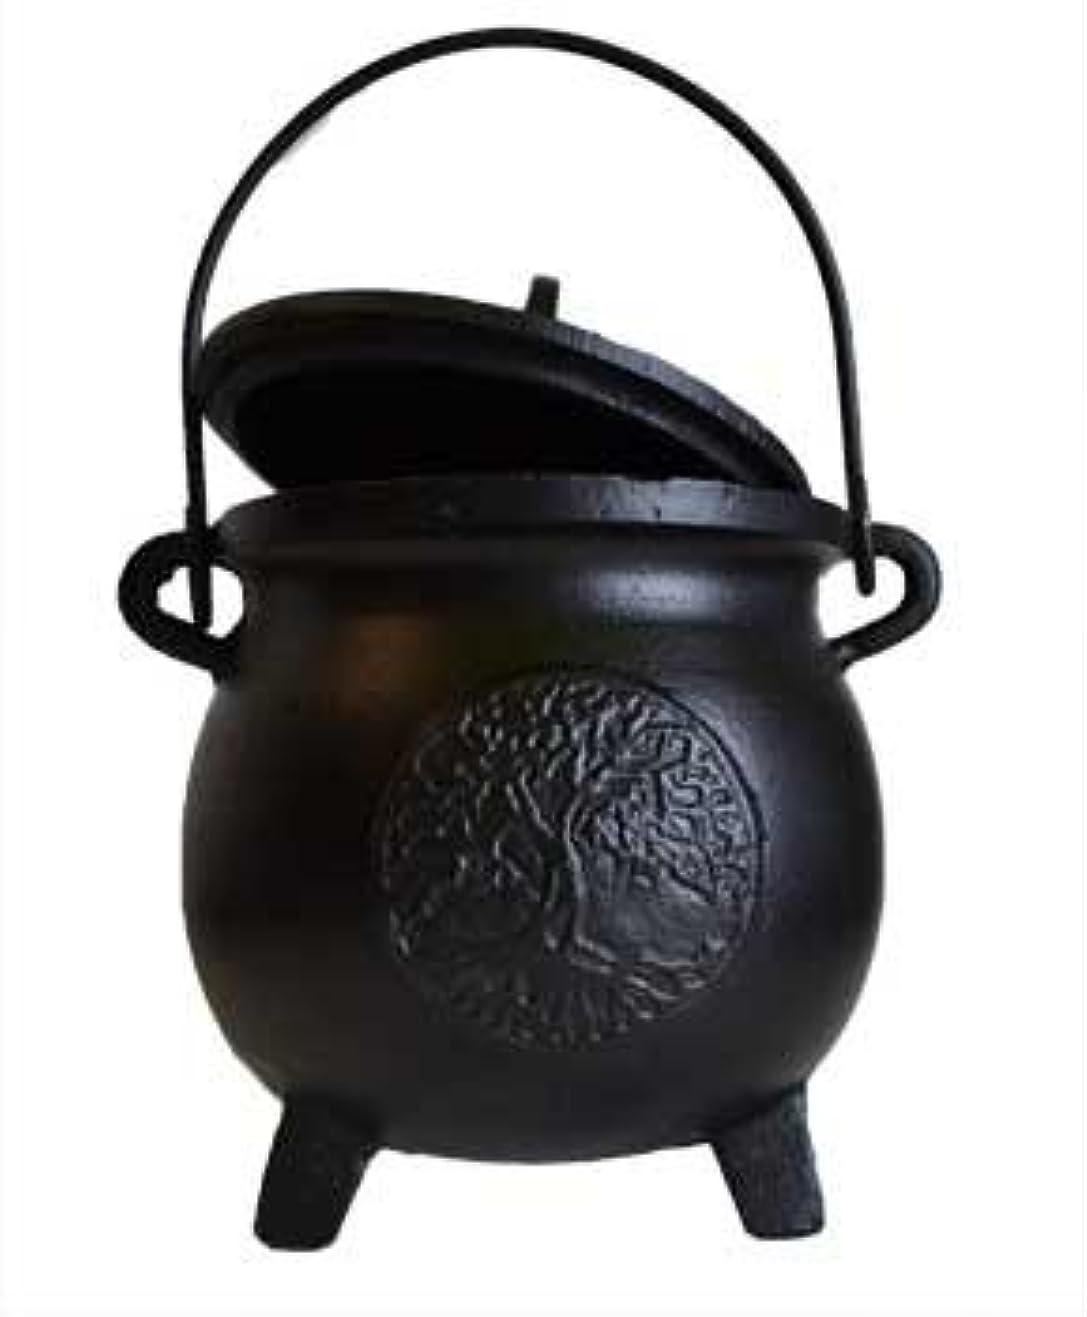 ドレス眼プレミアHome Fragrance Potpourris Cauldrons Tree of Life鋳鉄3つ脚でハンドルと蓋Large 8